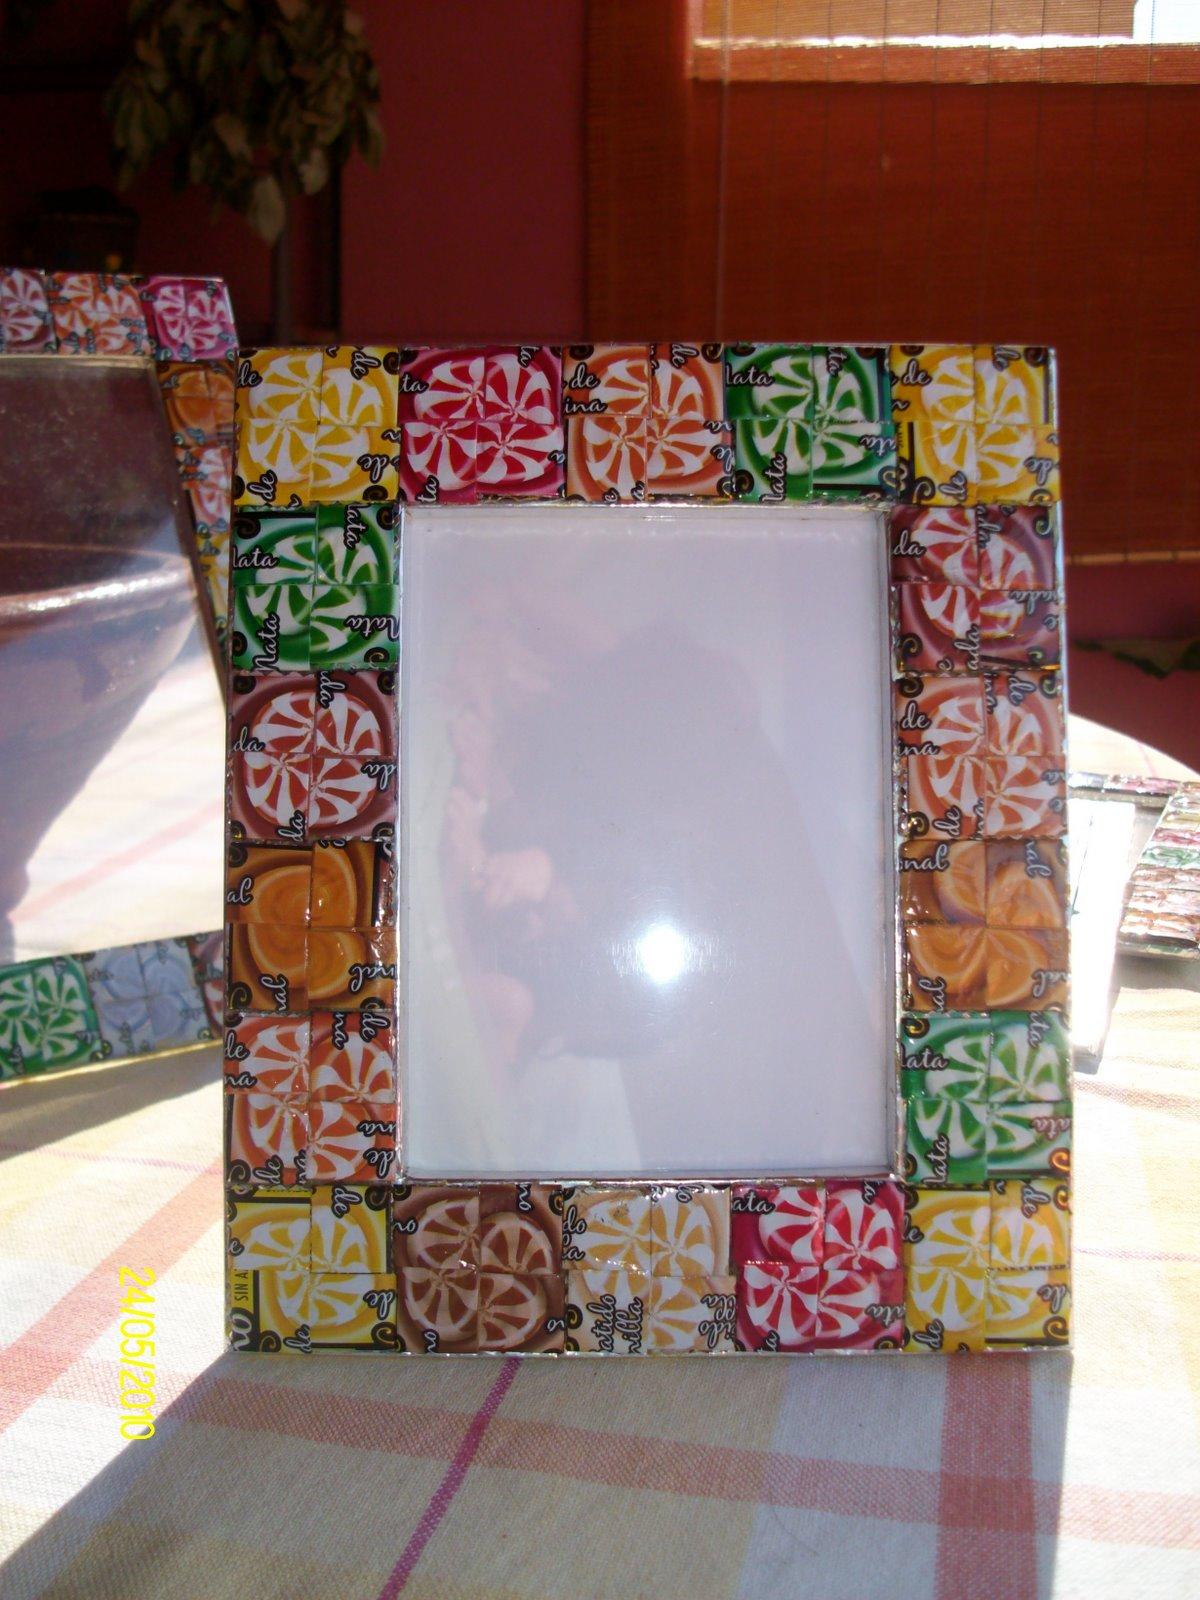 El ba l de silvia marcos de fotos con material reciclado - Marcos para cuadros originales ...